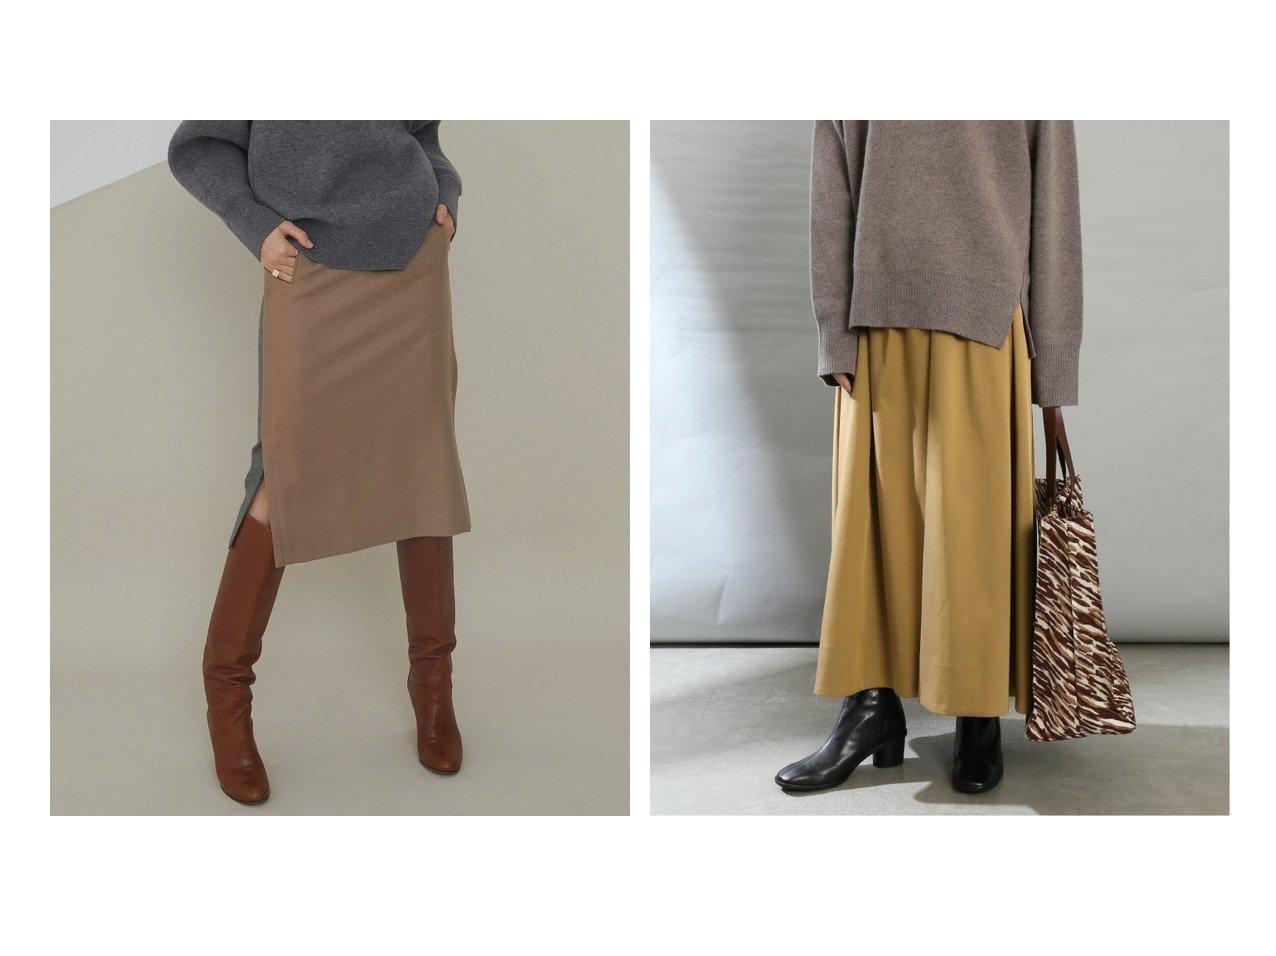 【La TOTALITE/ラ トータリテ】のダブルサテンギャザーフレアスカート&【BEIGE,/ベイジ,】のハイウエストスカート 【スカート】おすすめ!人気、トレンド・レディースファッションの通販 おすすめで人気の流行・トレンド、ファッションの通販商品 インテリア・家具・メンズファッション・キッズファッション・レディースファッション・服の通販 founy(ファニー) https://founy.com/ ファッション Fashion レディースファッション WOMEN スカート Skirt Aライン/フレアスカート Flared A-Line Skirts シンプル スタイリッシュ スリット タイトスカート フラップ ベーシック ポケット ミドル A/W・秋冬 AW・Autumn/Winter・FW・Fall-Winter 2021年 2021 2021-2022秋冬・A/W AW・Autumn/Winter・FW・Fall-Winter・2021-2022 送料無料 Free Shipping ギャザー サテン ダブル フェミニン フレア |ID:crp329100000069152